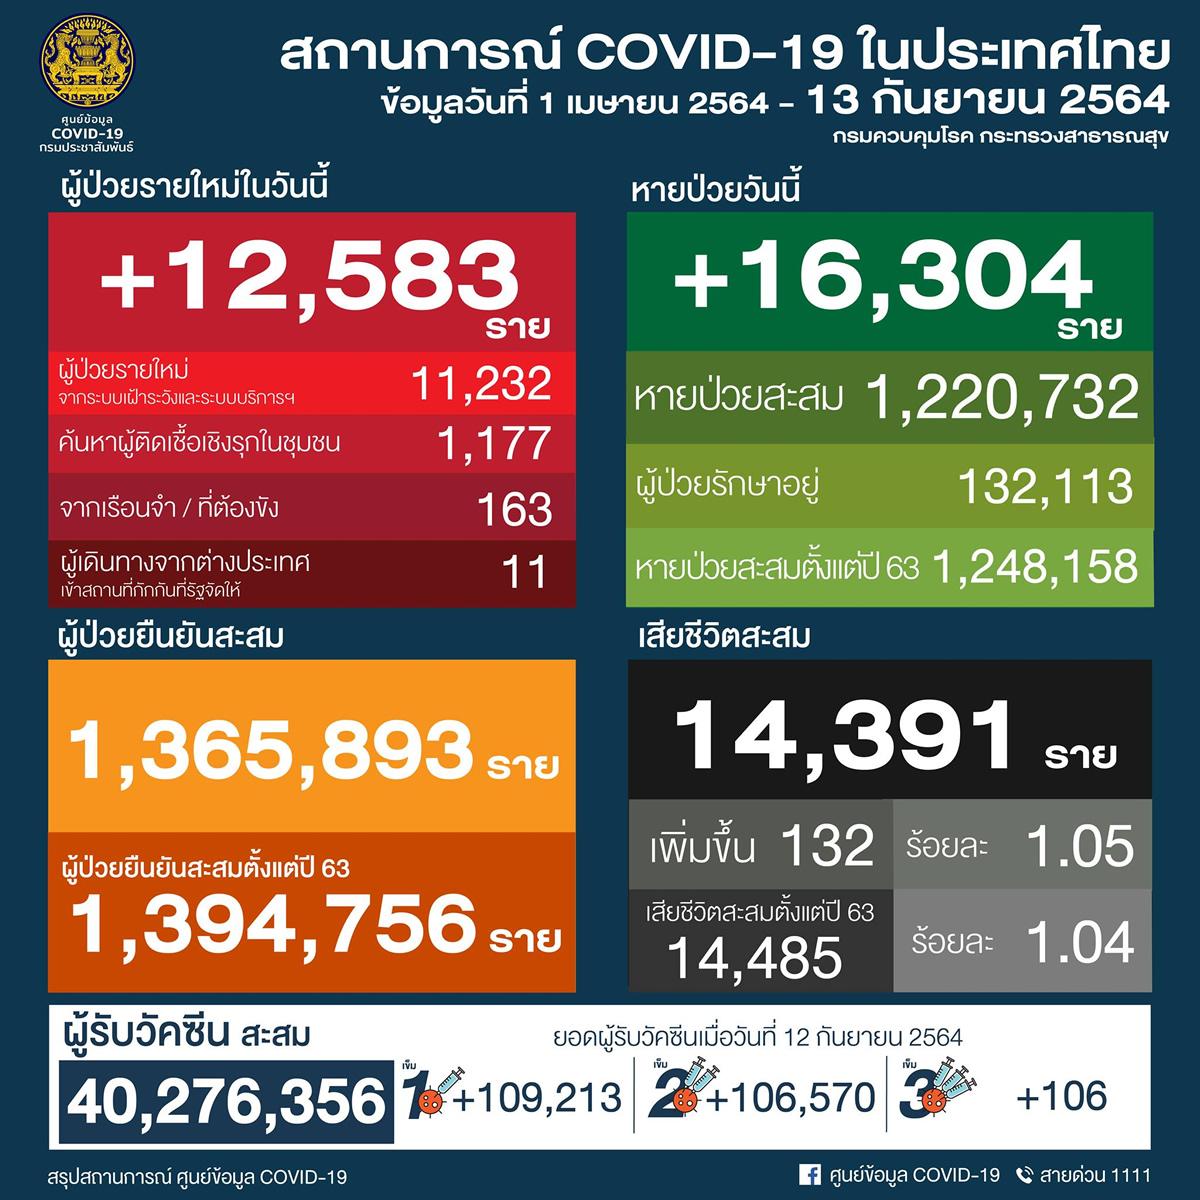 タイ 12,583人陽性 132人死亡/バンコク 3,329人陽性 23人死亡/プーケット 245人陽性[2021年9月13日発表]